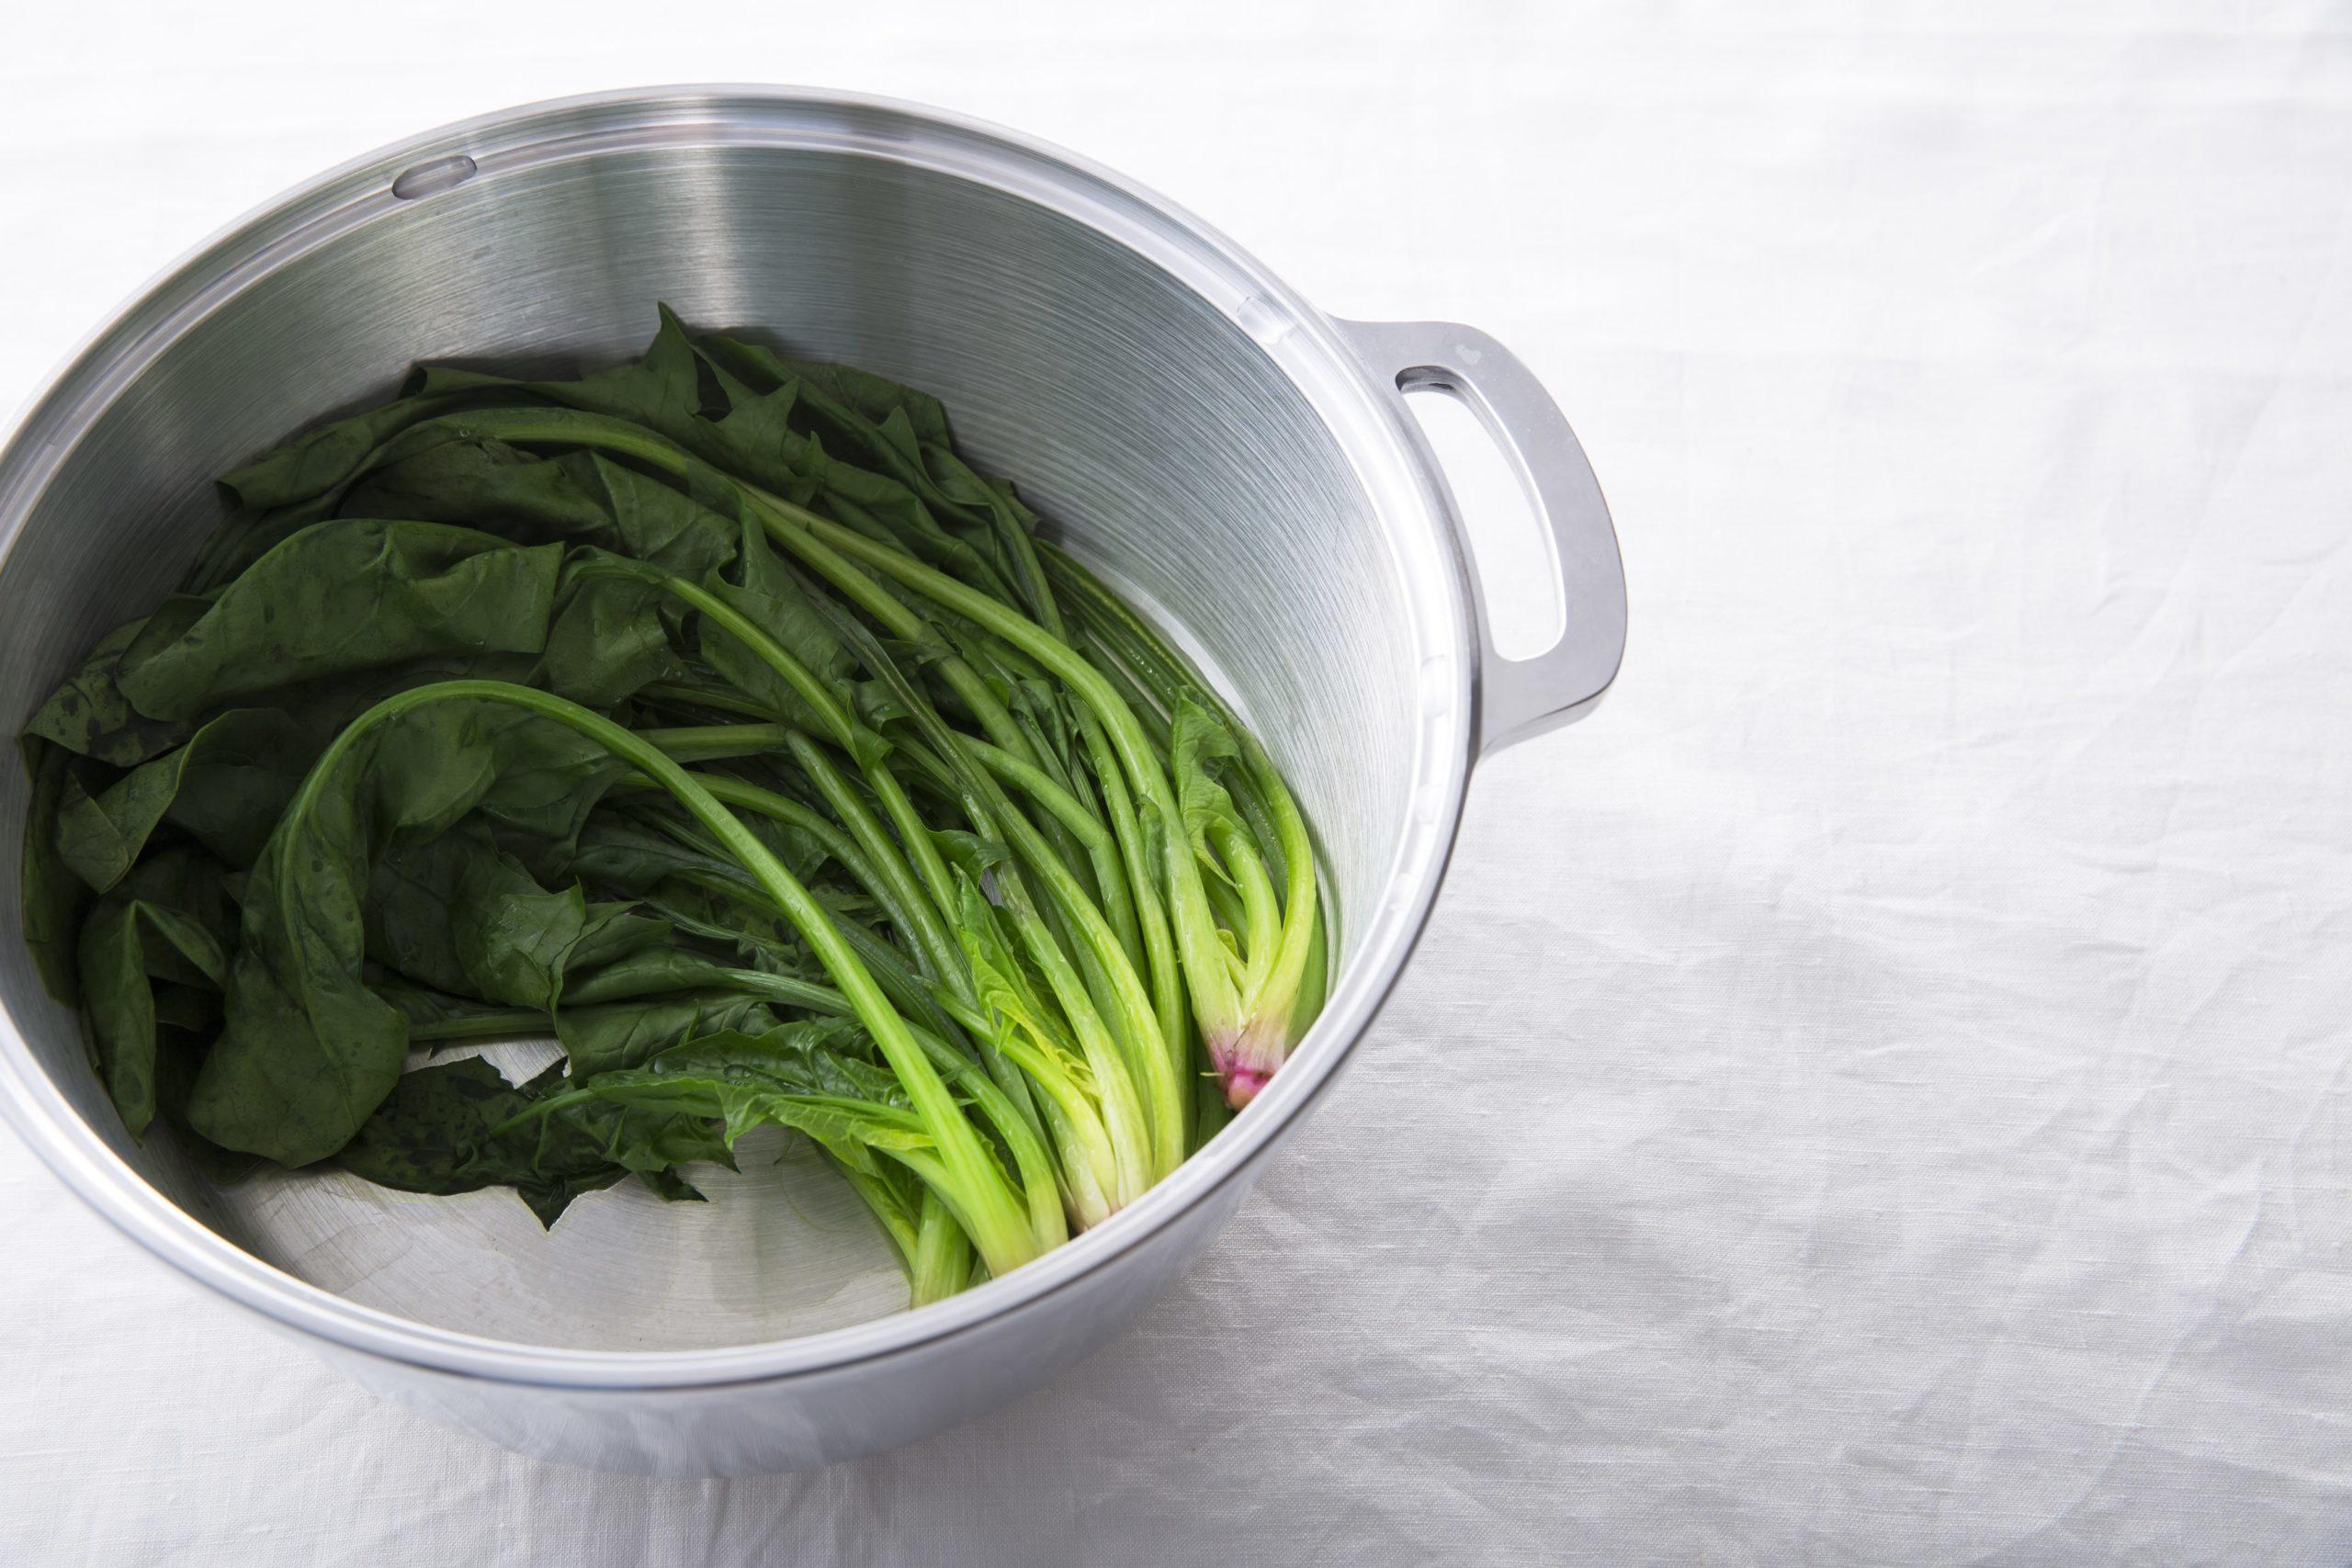 葉物野菜の栄養もぎゅっと閉じ込める